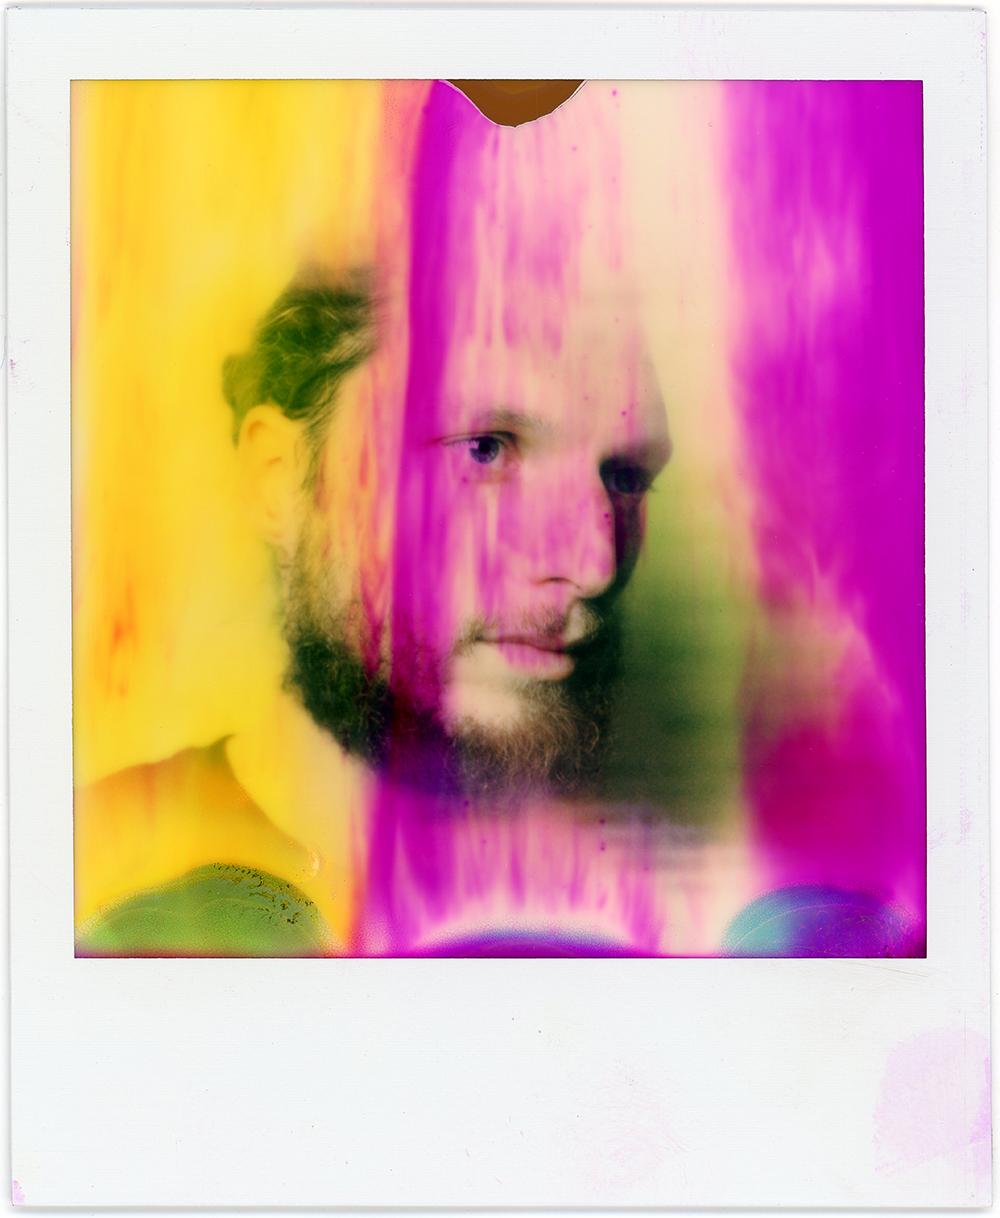 Inked Rio | Polaroid SX70 | Polaroid Originals B&W 600 | Urizen Freaza